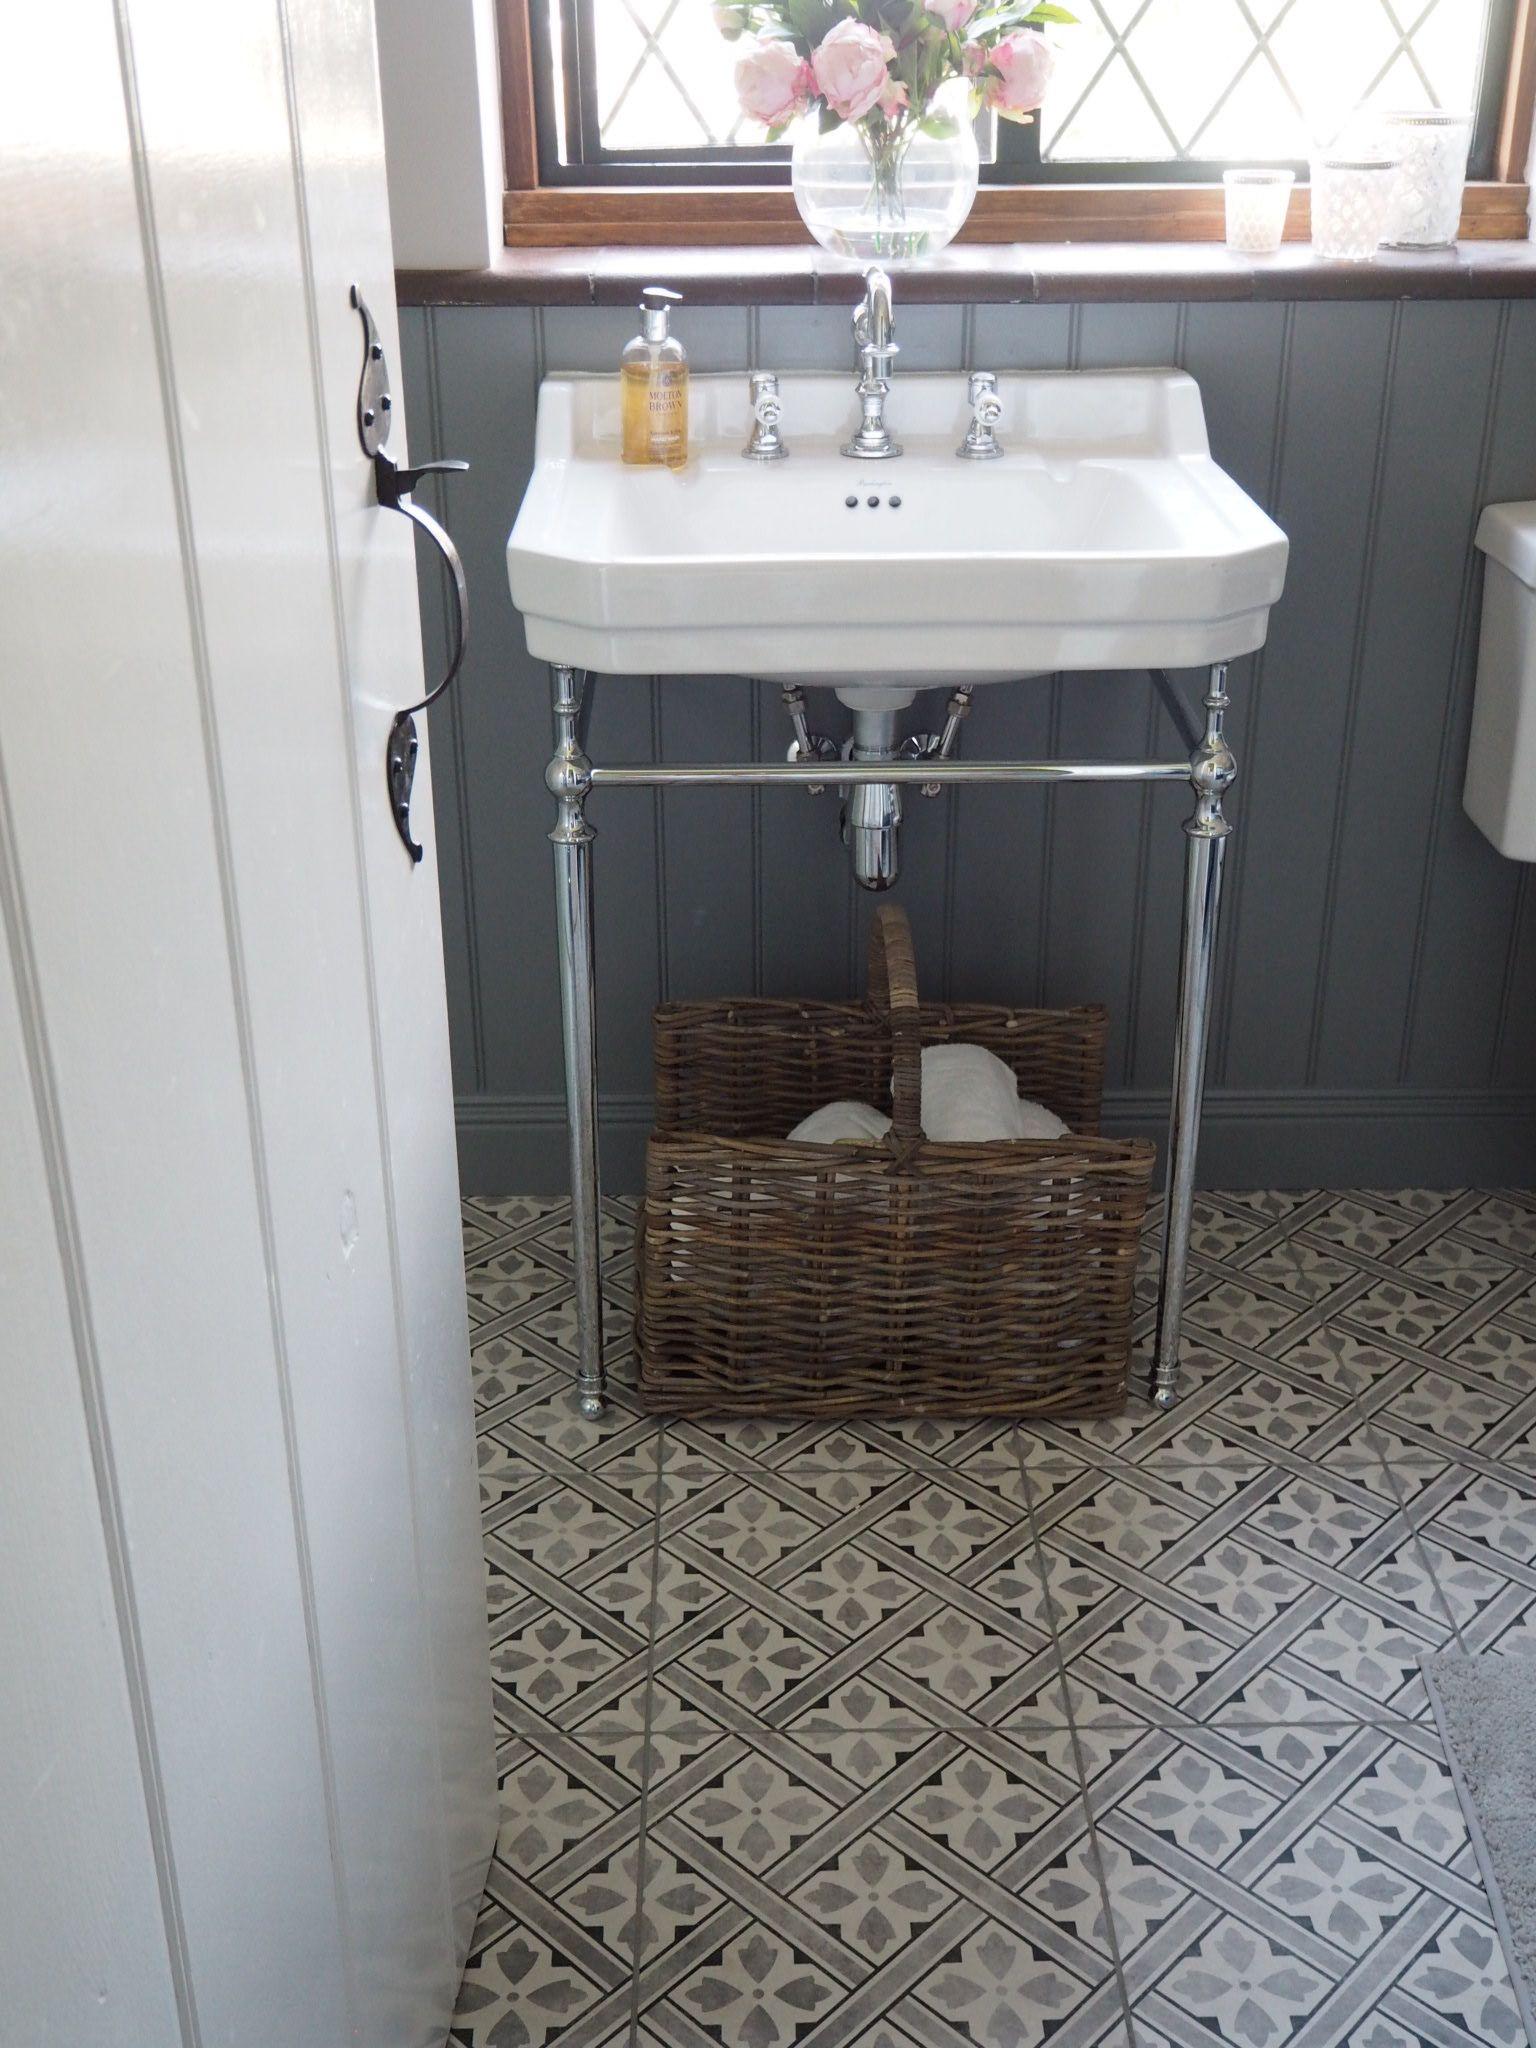 Laura Ashley Mr Jones Floor Tiles And Victorian Plumbing Basin